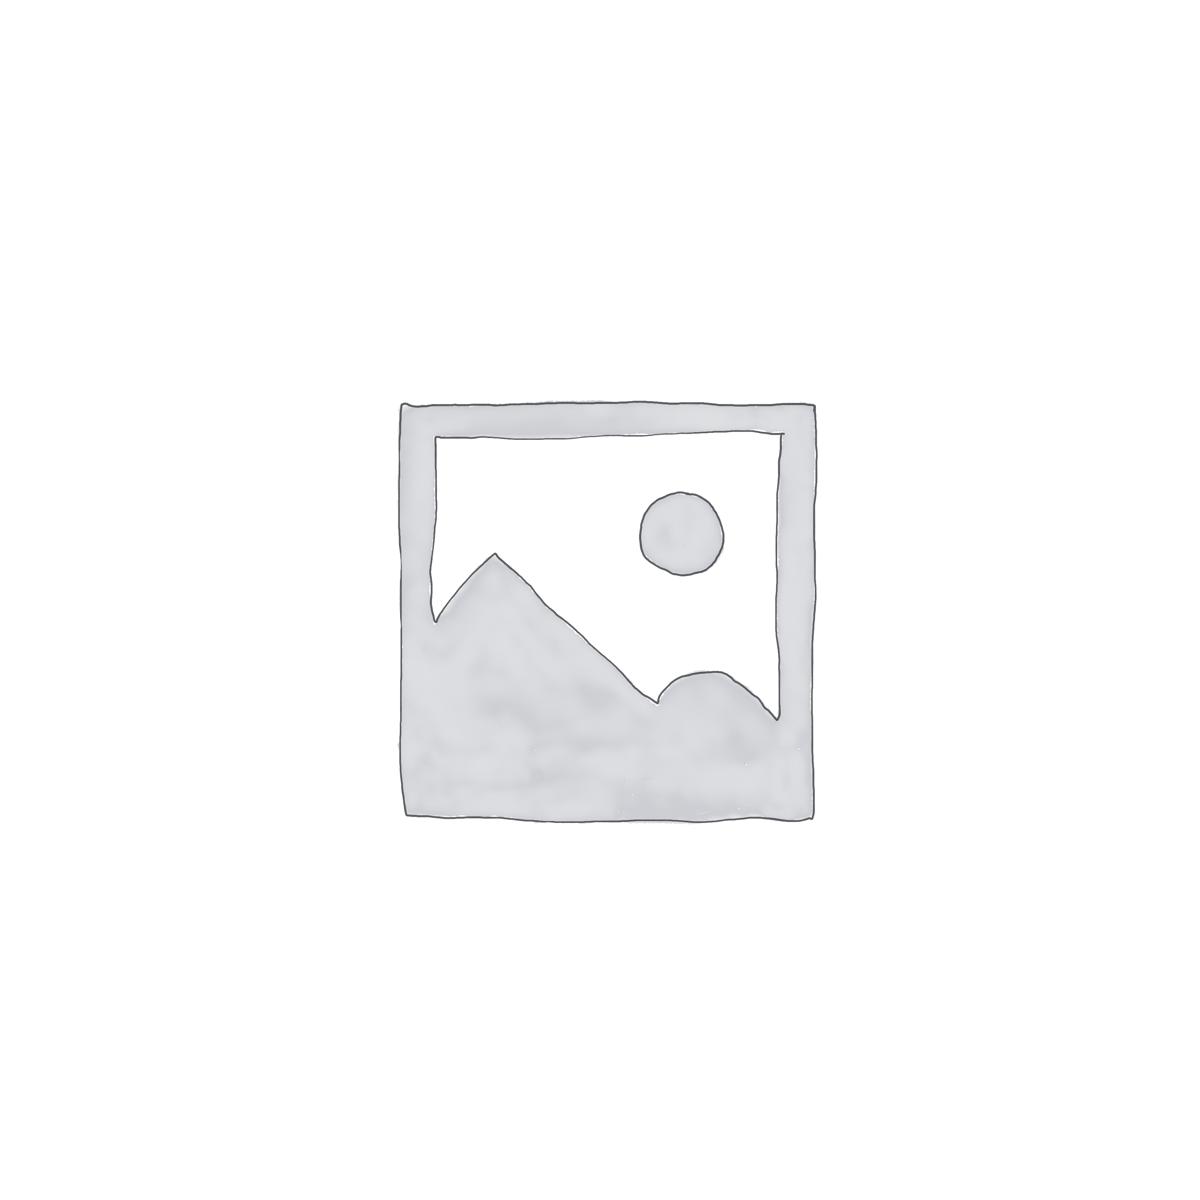 Nostalgic Rainforest with Vintage Banana Leaf Wallpaper Mural